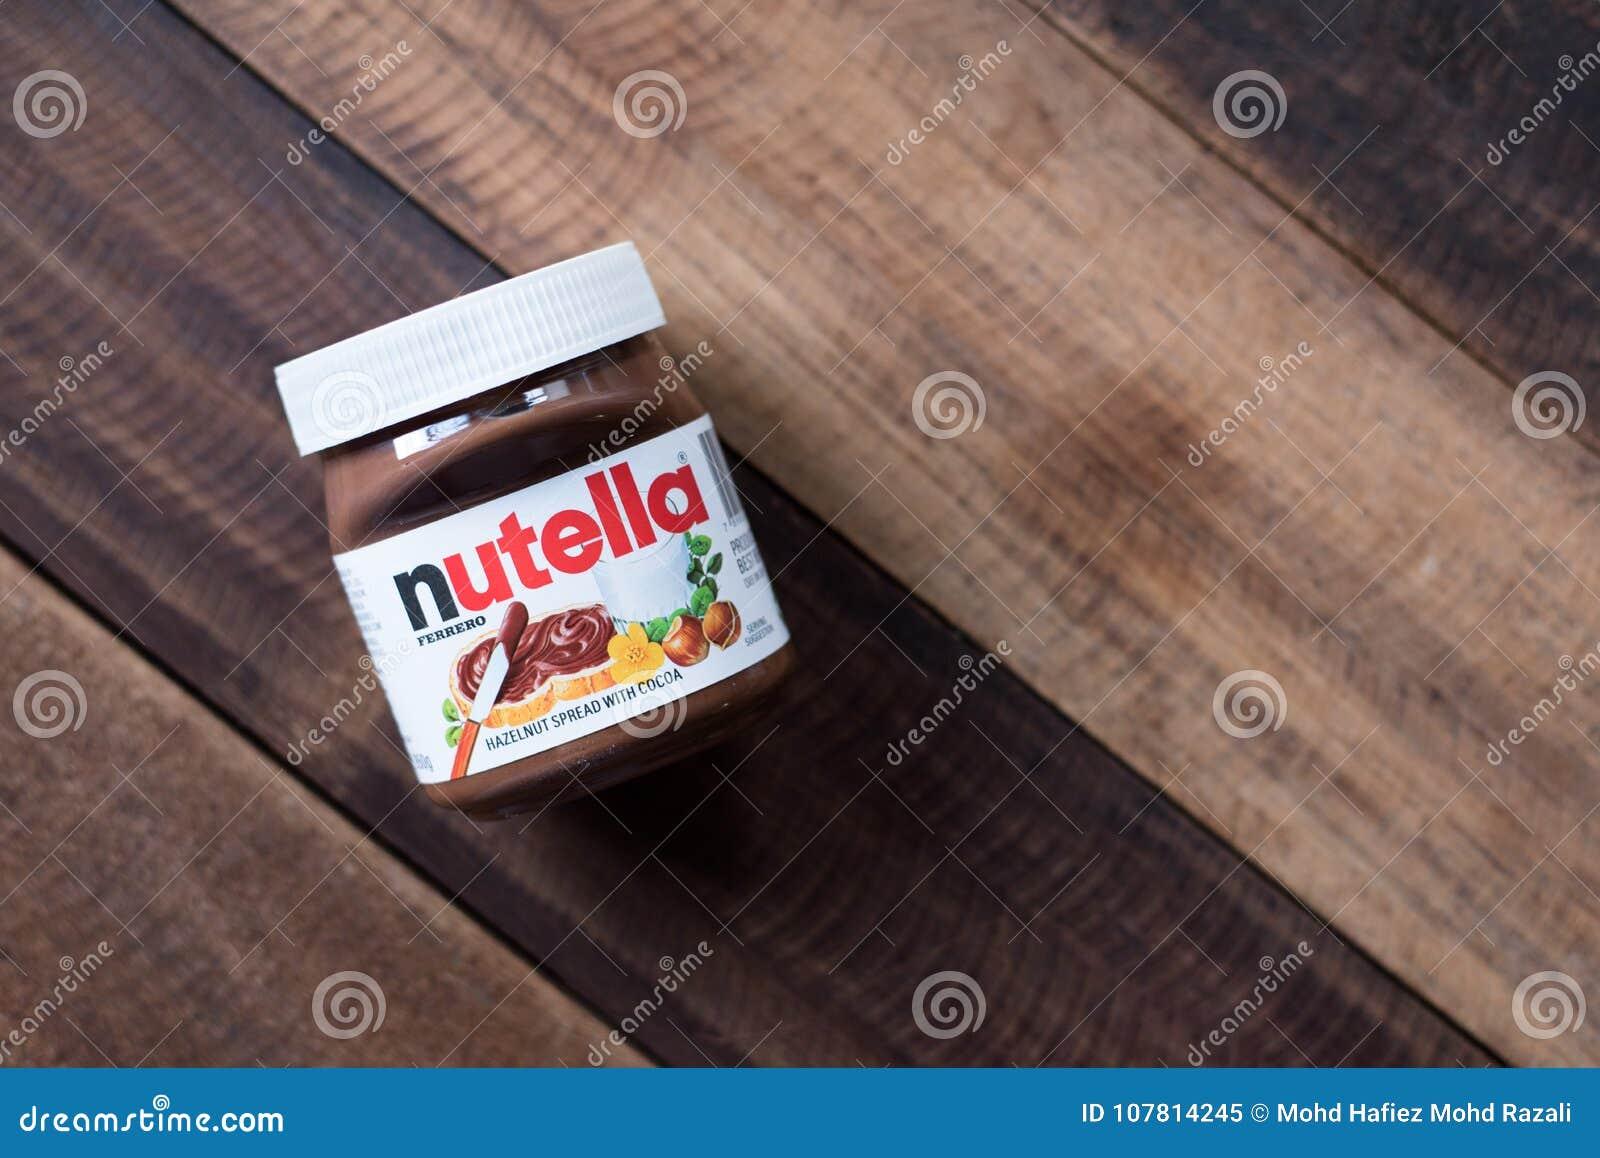 在木桌上涂的Nutella巧克力